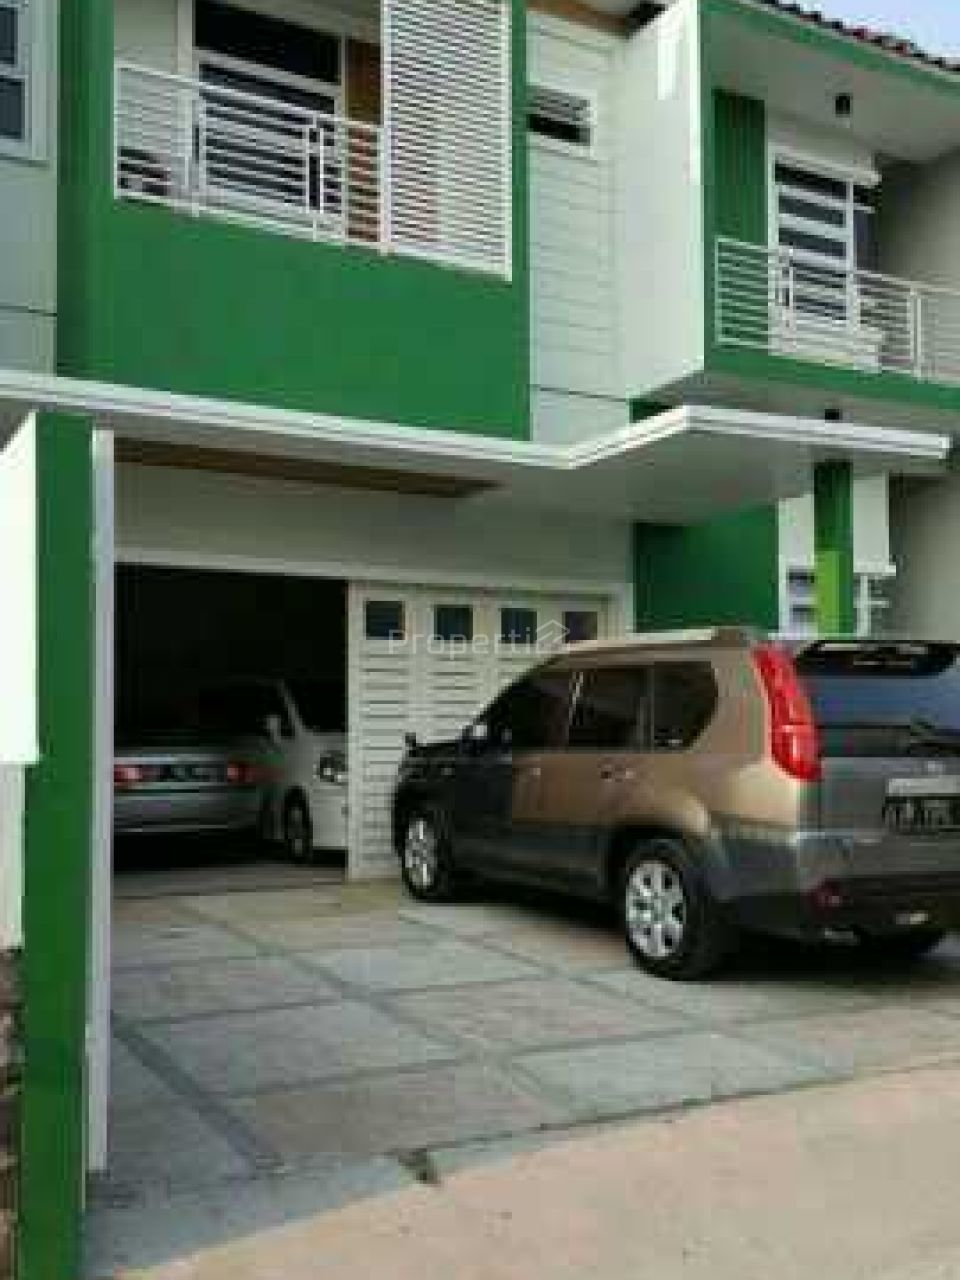 Rumah Minimalis Modern 2,5 Lantai Full Furnished di Jagakarsa, DKI Jakarta